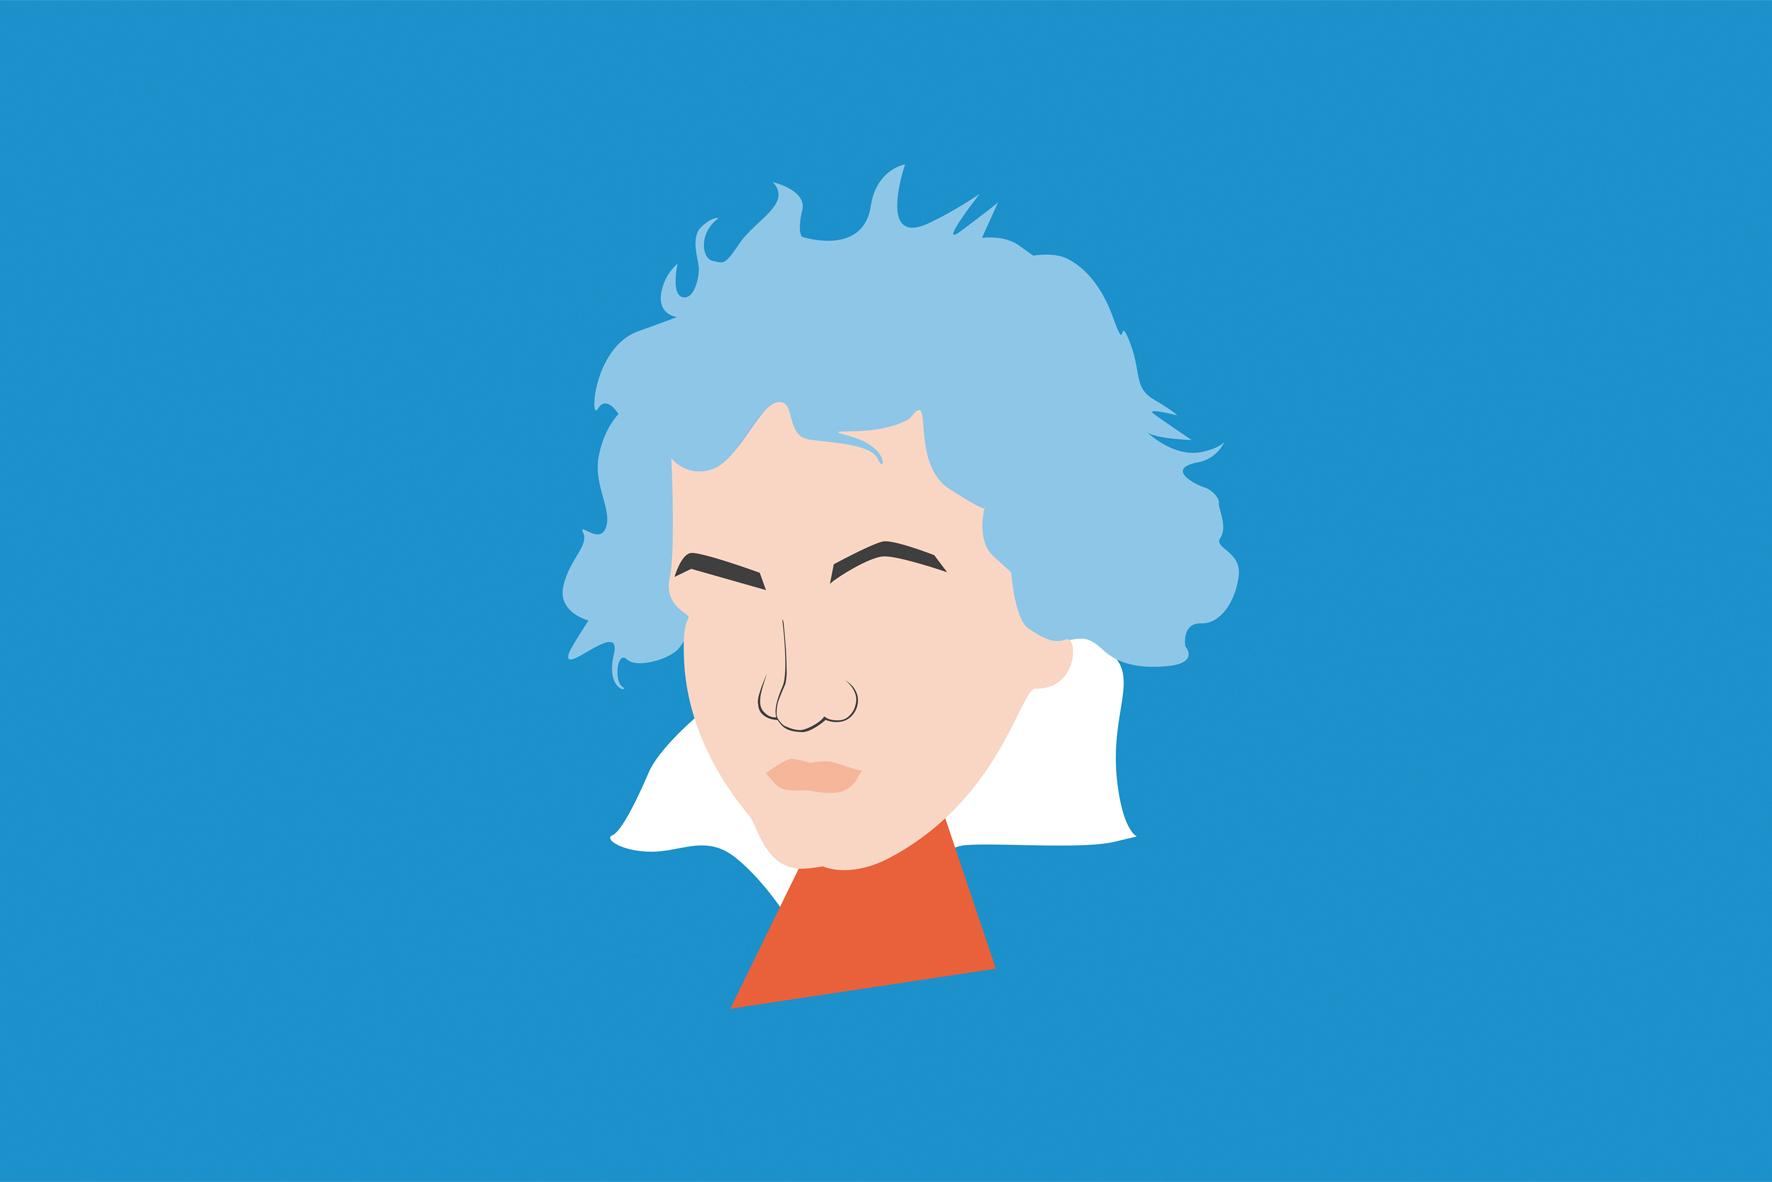 Beethoven ageless! - Gemeinschaftsprojekt mit der Zuger Sinfonietta